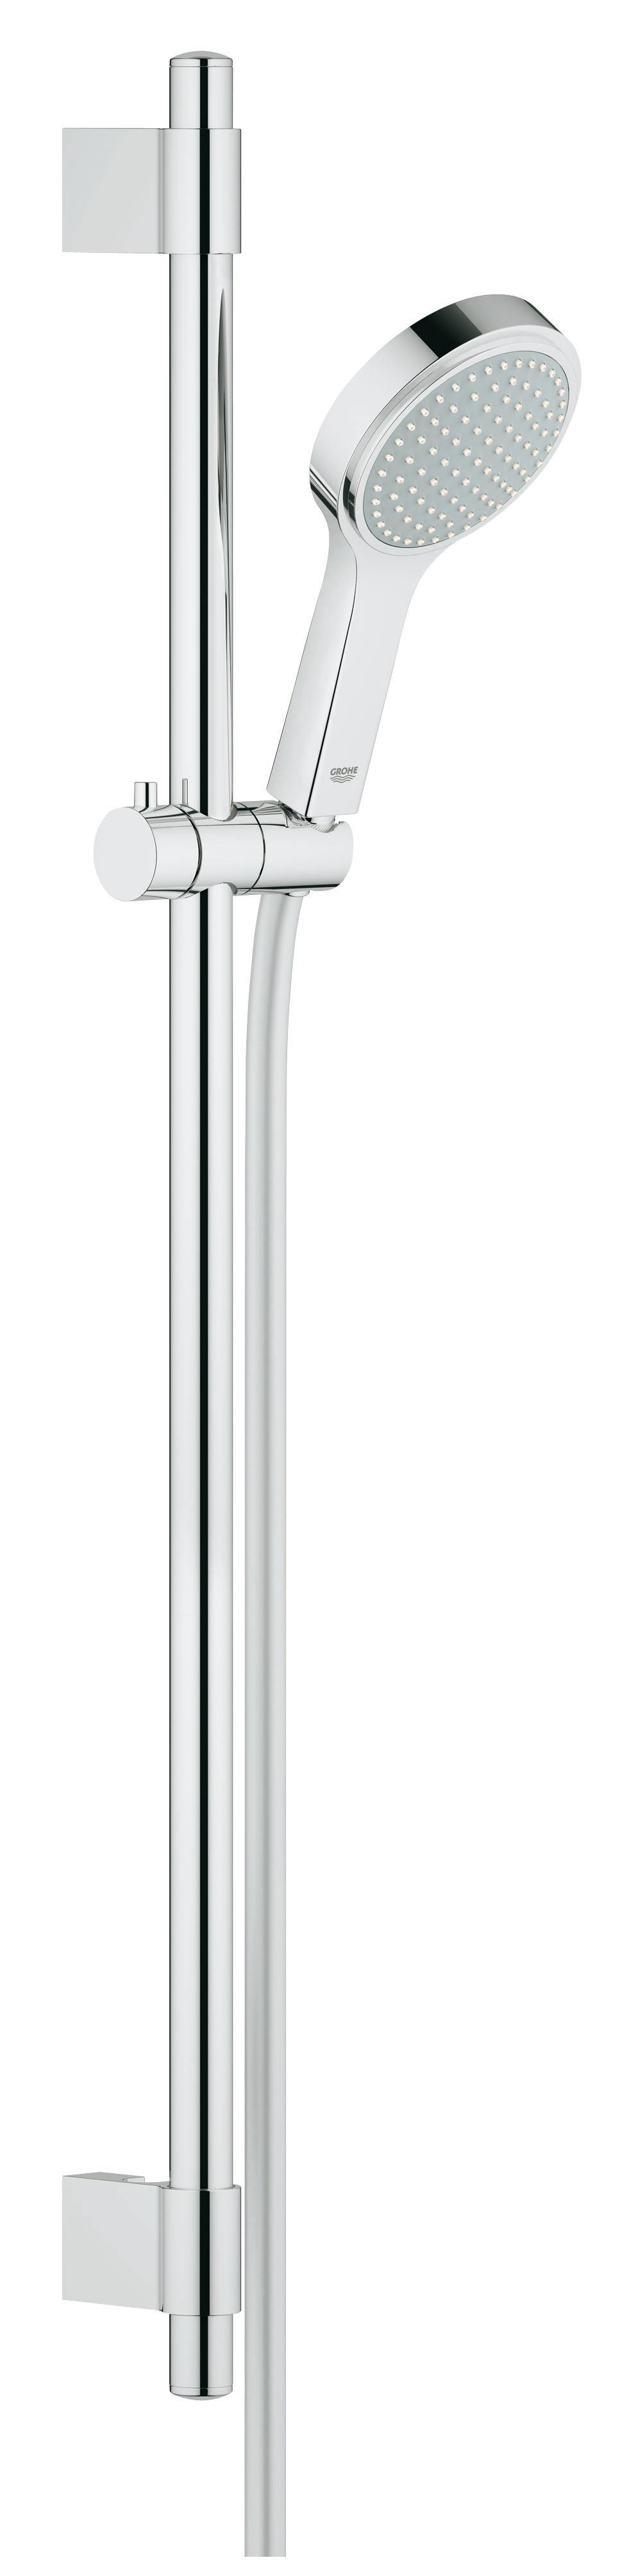 Душевой комплект GROHE Power&Soul Cosmopolitan 115 (27755000)3520Включает в себя: Ручной душ Power&Soul Cosmopolitan 115 (27 660 000) Душевая штанга, 900 мм (27 785 000) С металлическими настенными креплениями Монтажная система GROHE QuickFix™ Plus Душевой шланг 1750 мм (28 388 000) Twistfree против перекручивания шланга GROHE DreamSpray превосходный поток воды GROHE CoolTouch GROHE StarLight хромированная поверхностьGROHE QuickFix Plus(регулируемое расстояние между настенными креплениями штанги позволяет использовать для монтажа уже имеющиеся отверстия в стене ) С системой SpeedClean против известковых отложений Может использоваться с проточным водонагревателемВидео по установке является исключительно информационным. Установка должна проводиться профессионалами! Характеристики: Материал: ABS-пластик, металл. Цвет: хром. Высота штанги: 90 см. Длина шланга: 175 см. Размер упаковки: 103 см х 17 см х 8 см. Артикул: 27755000.